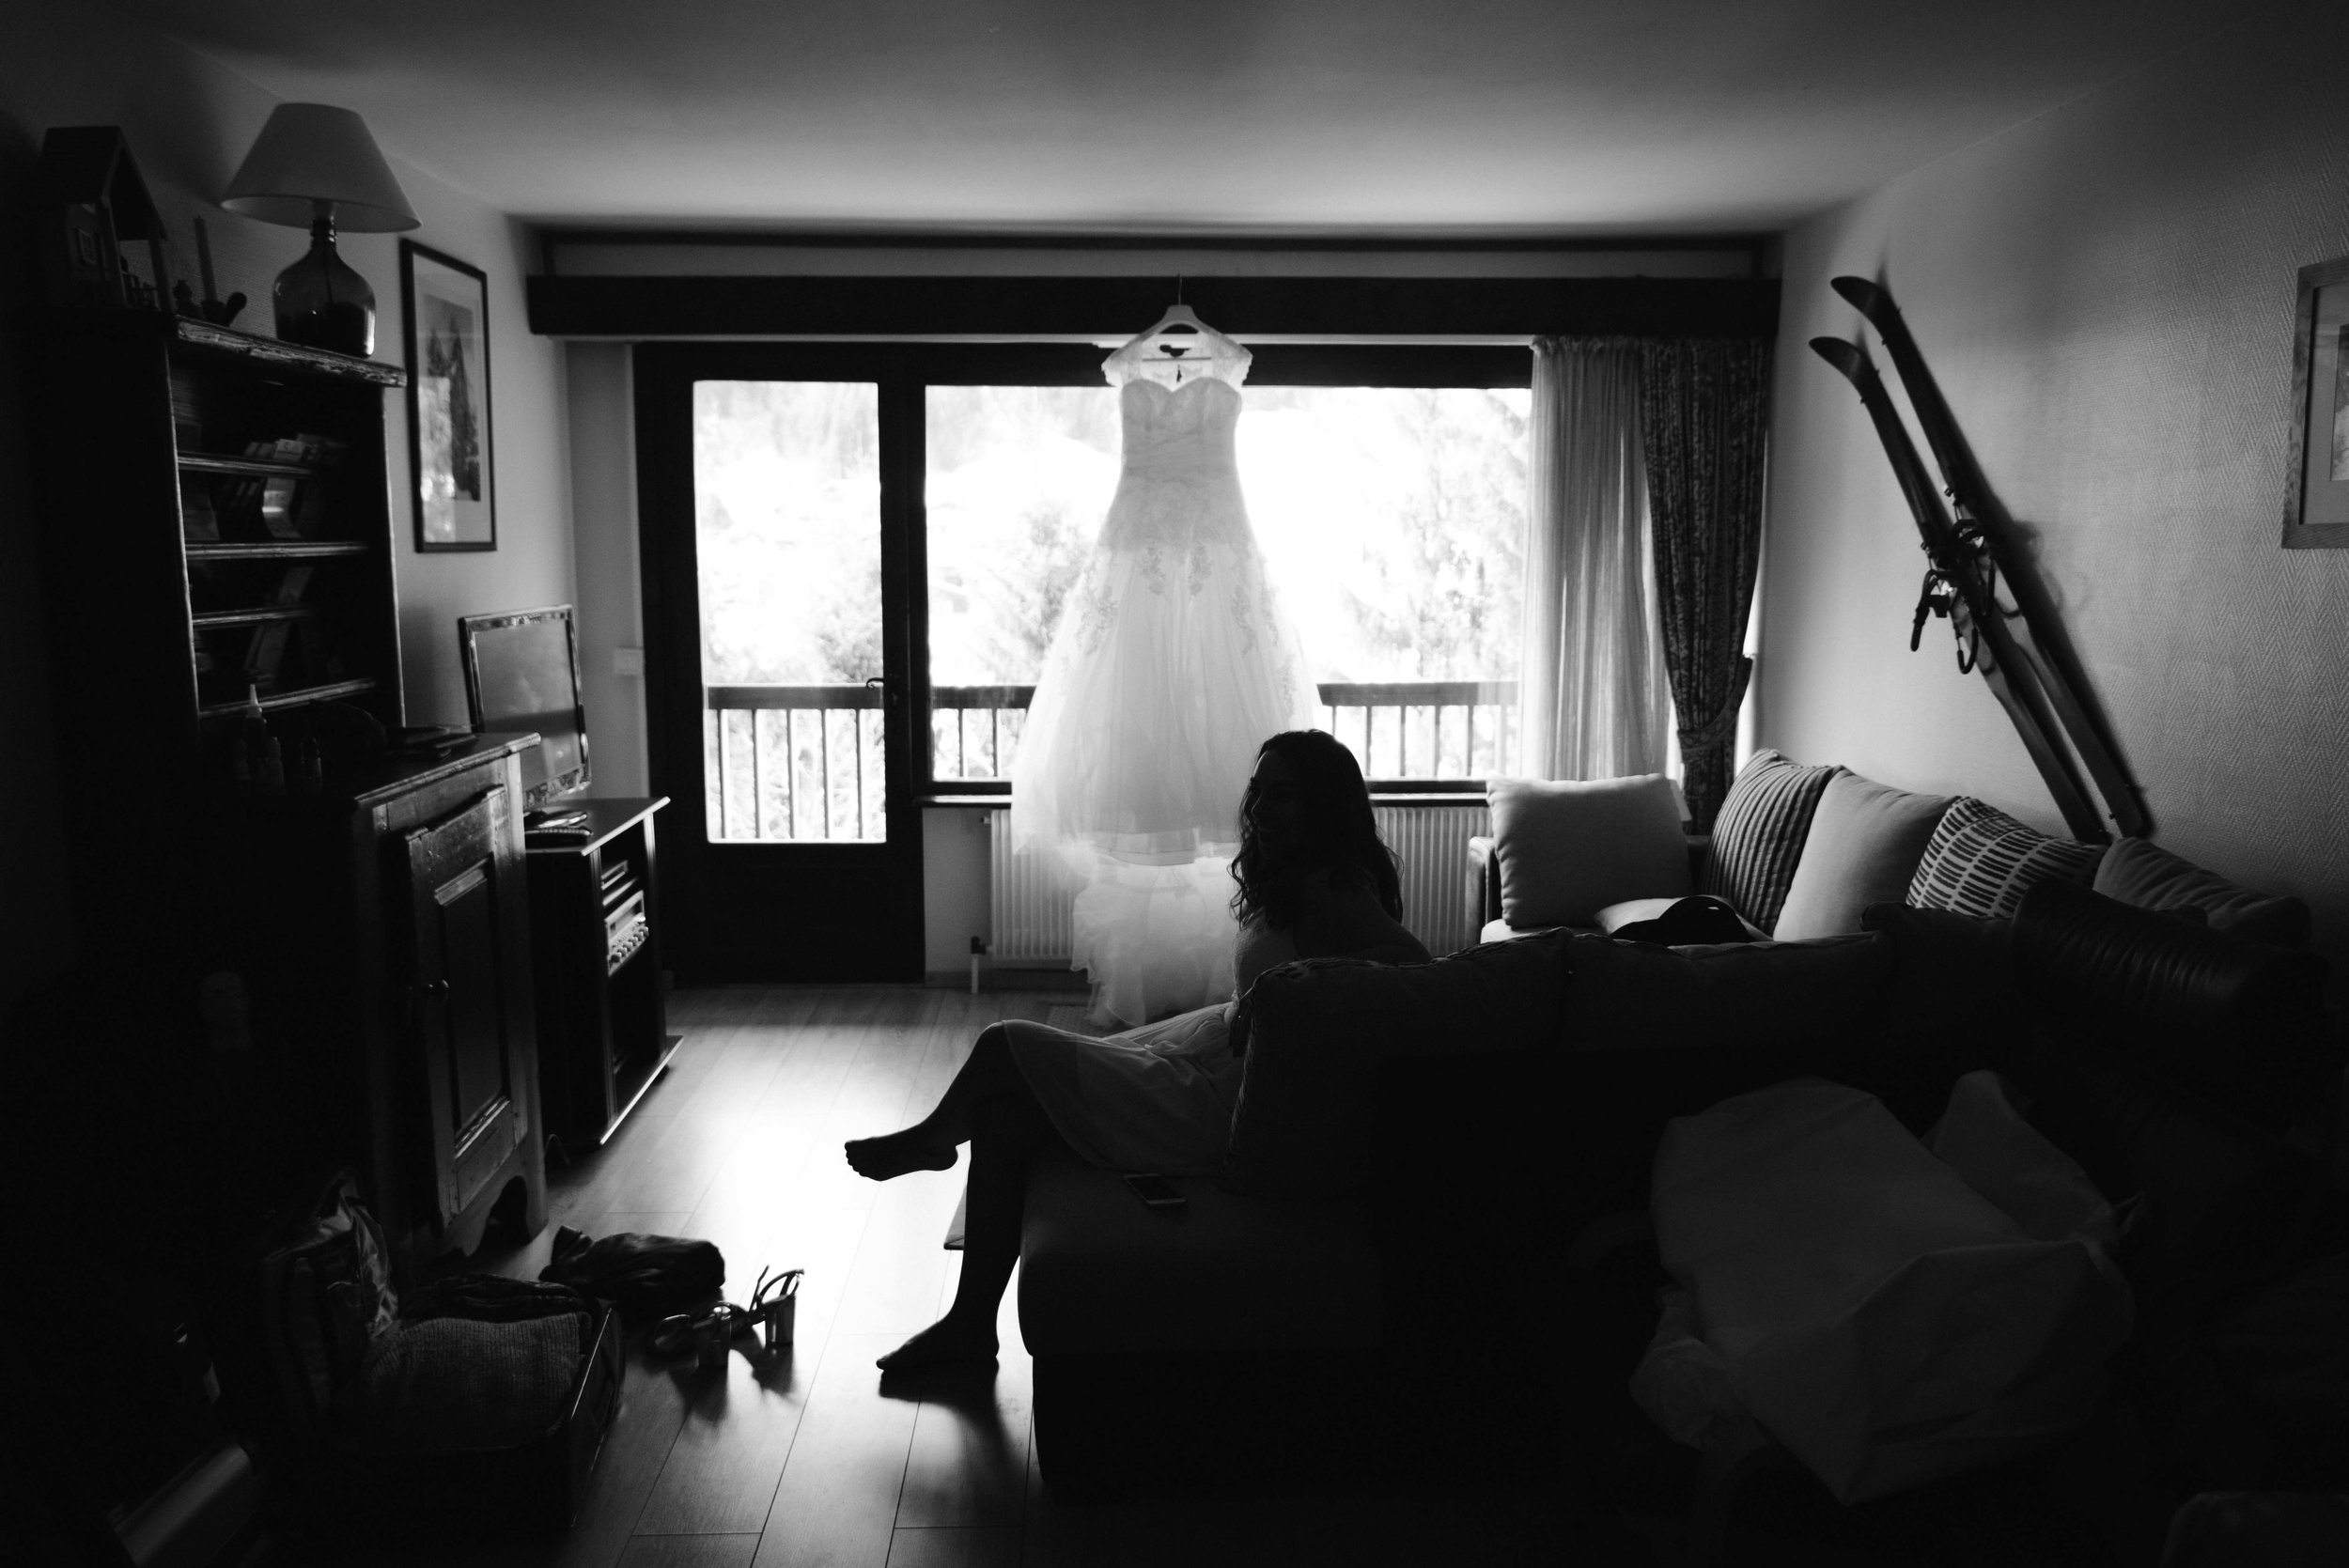 Léa-Fery-photographe-professionnel-lyon-rhone-alpes-portrait-mariage-couple-amour-lovesession-engagement-elopment-1987.jpg